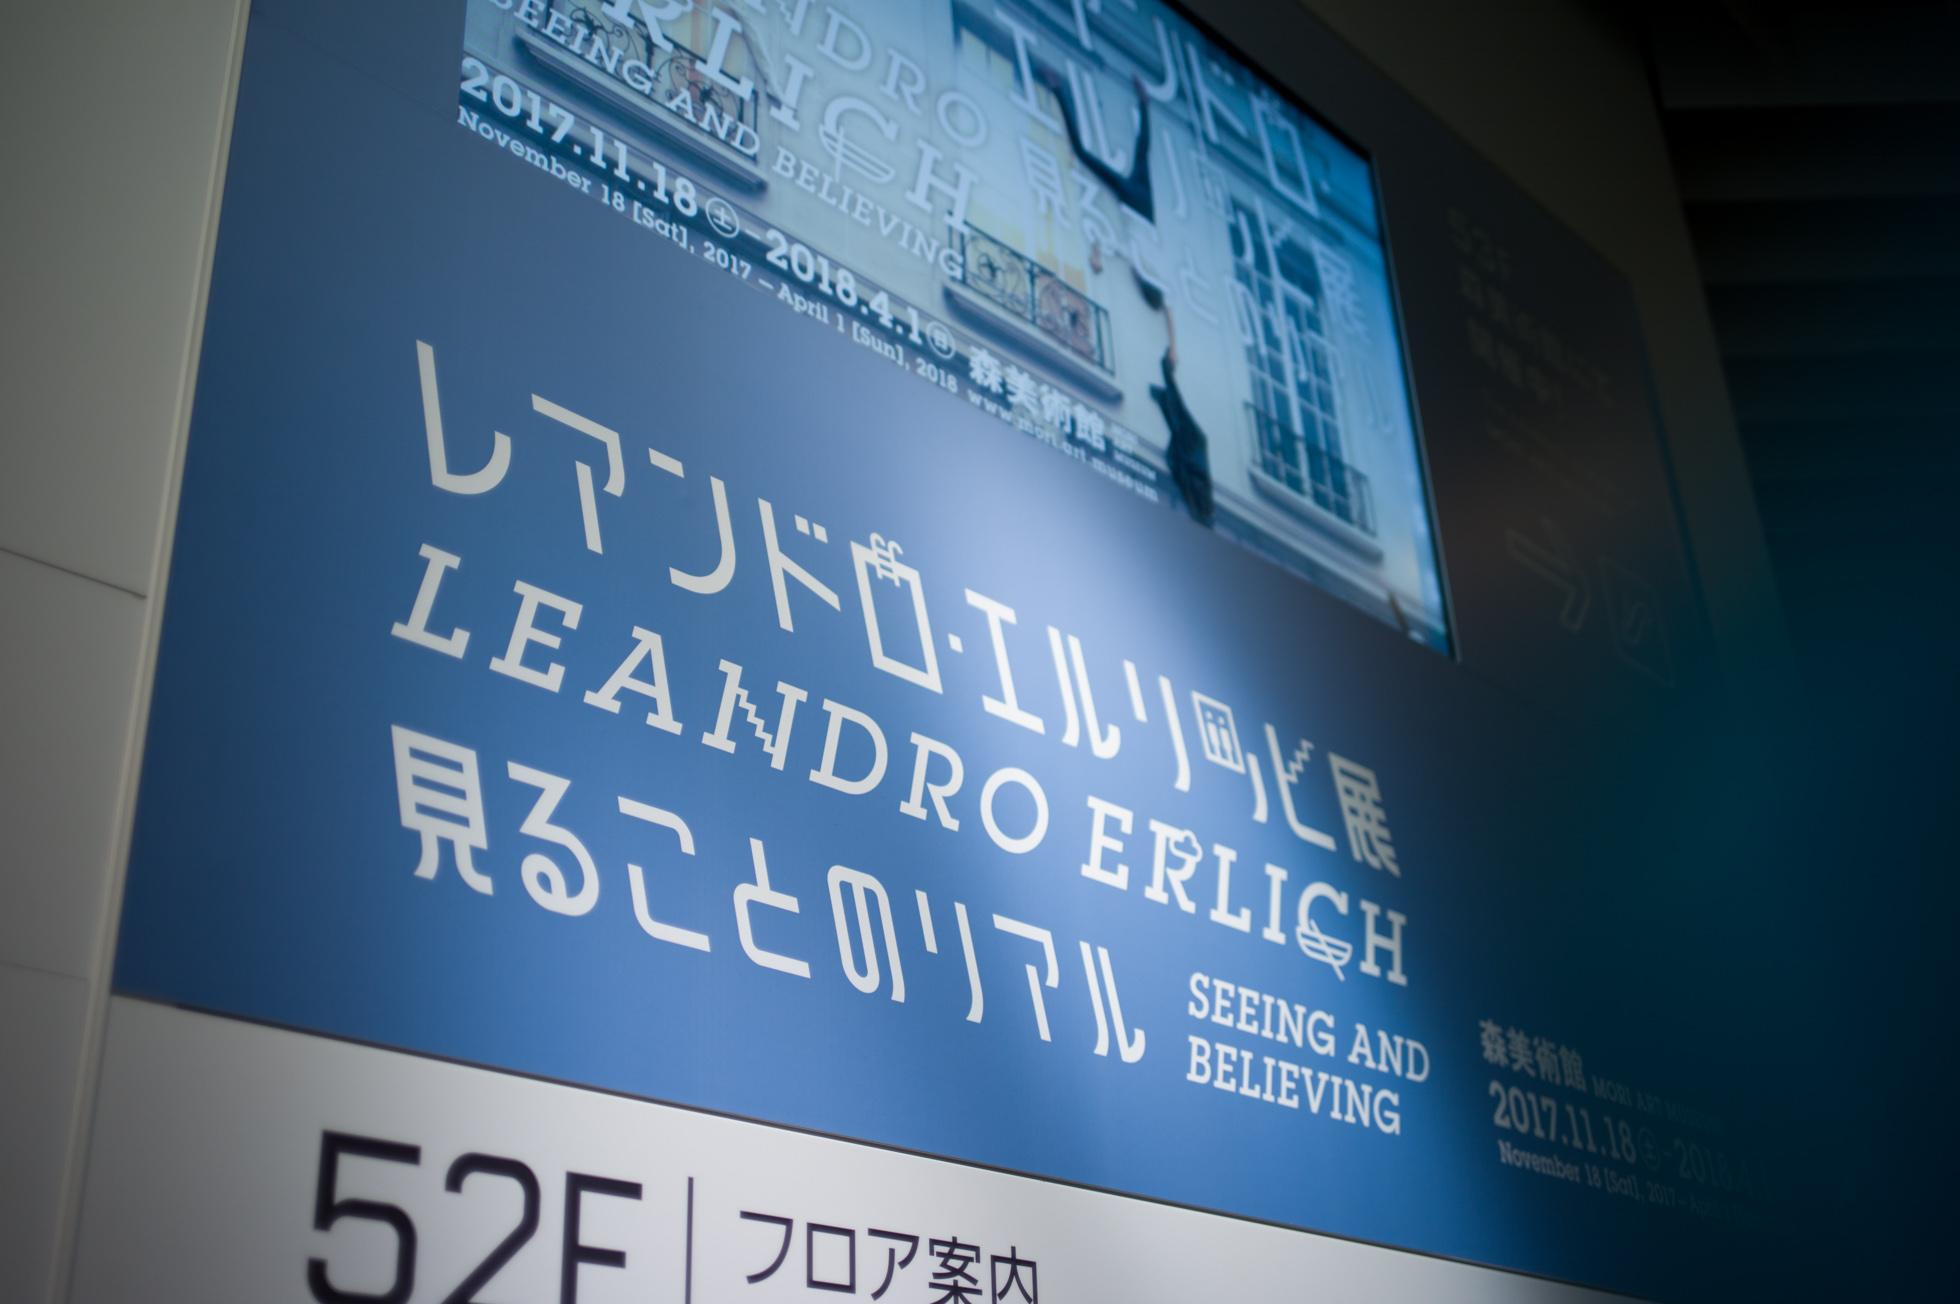 レアンドロ・エルリッヒ展1